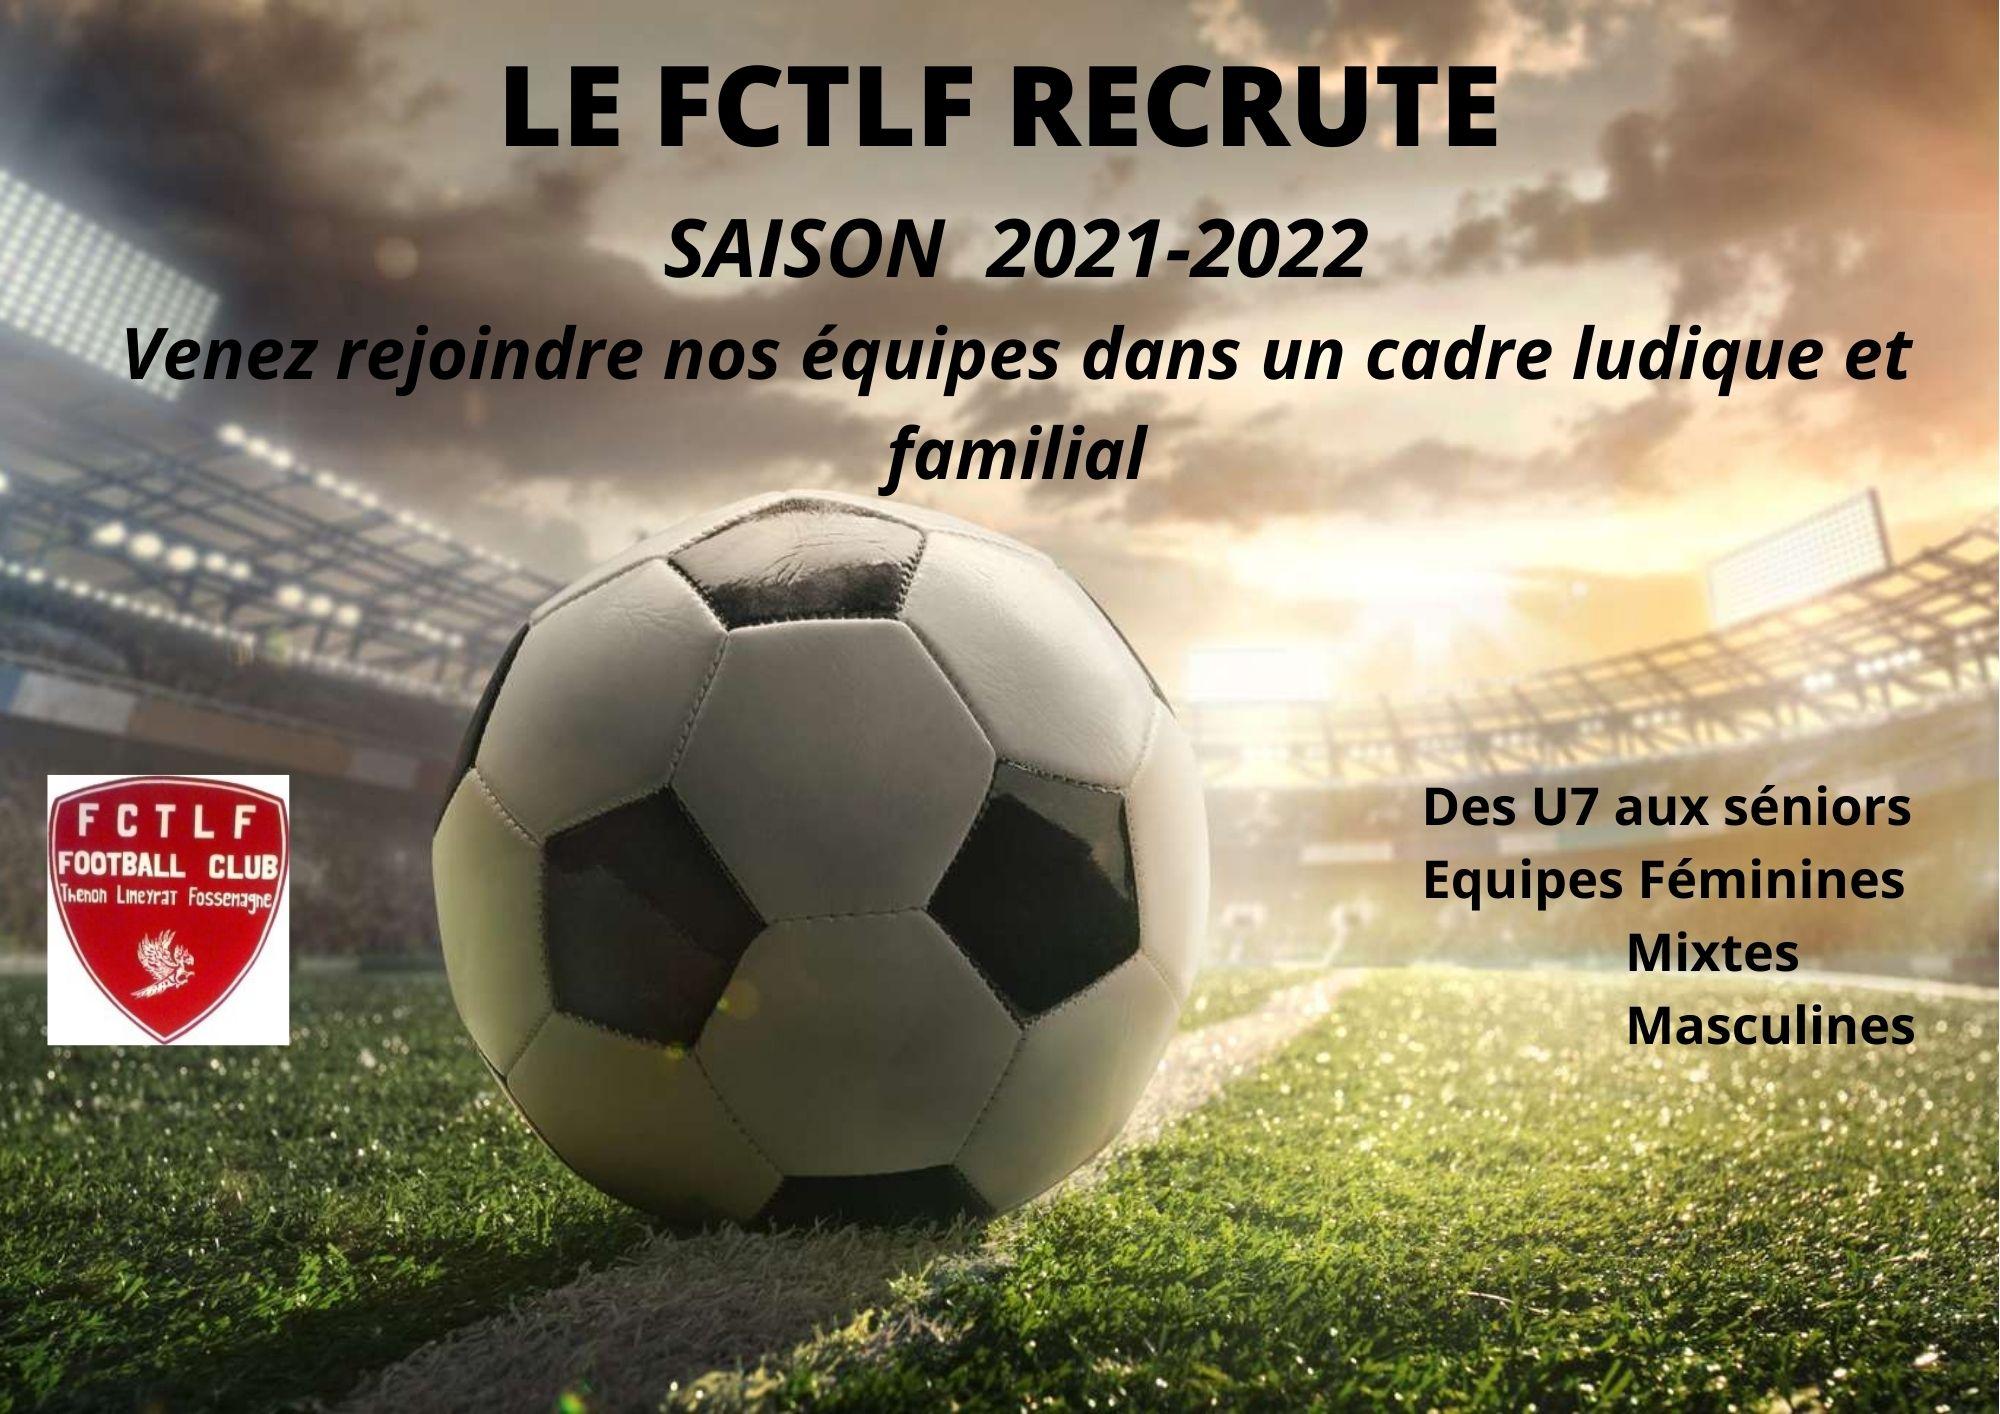 LE FCTLF RECRUTE.jpg